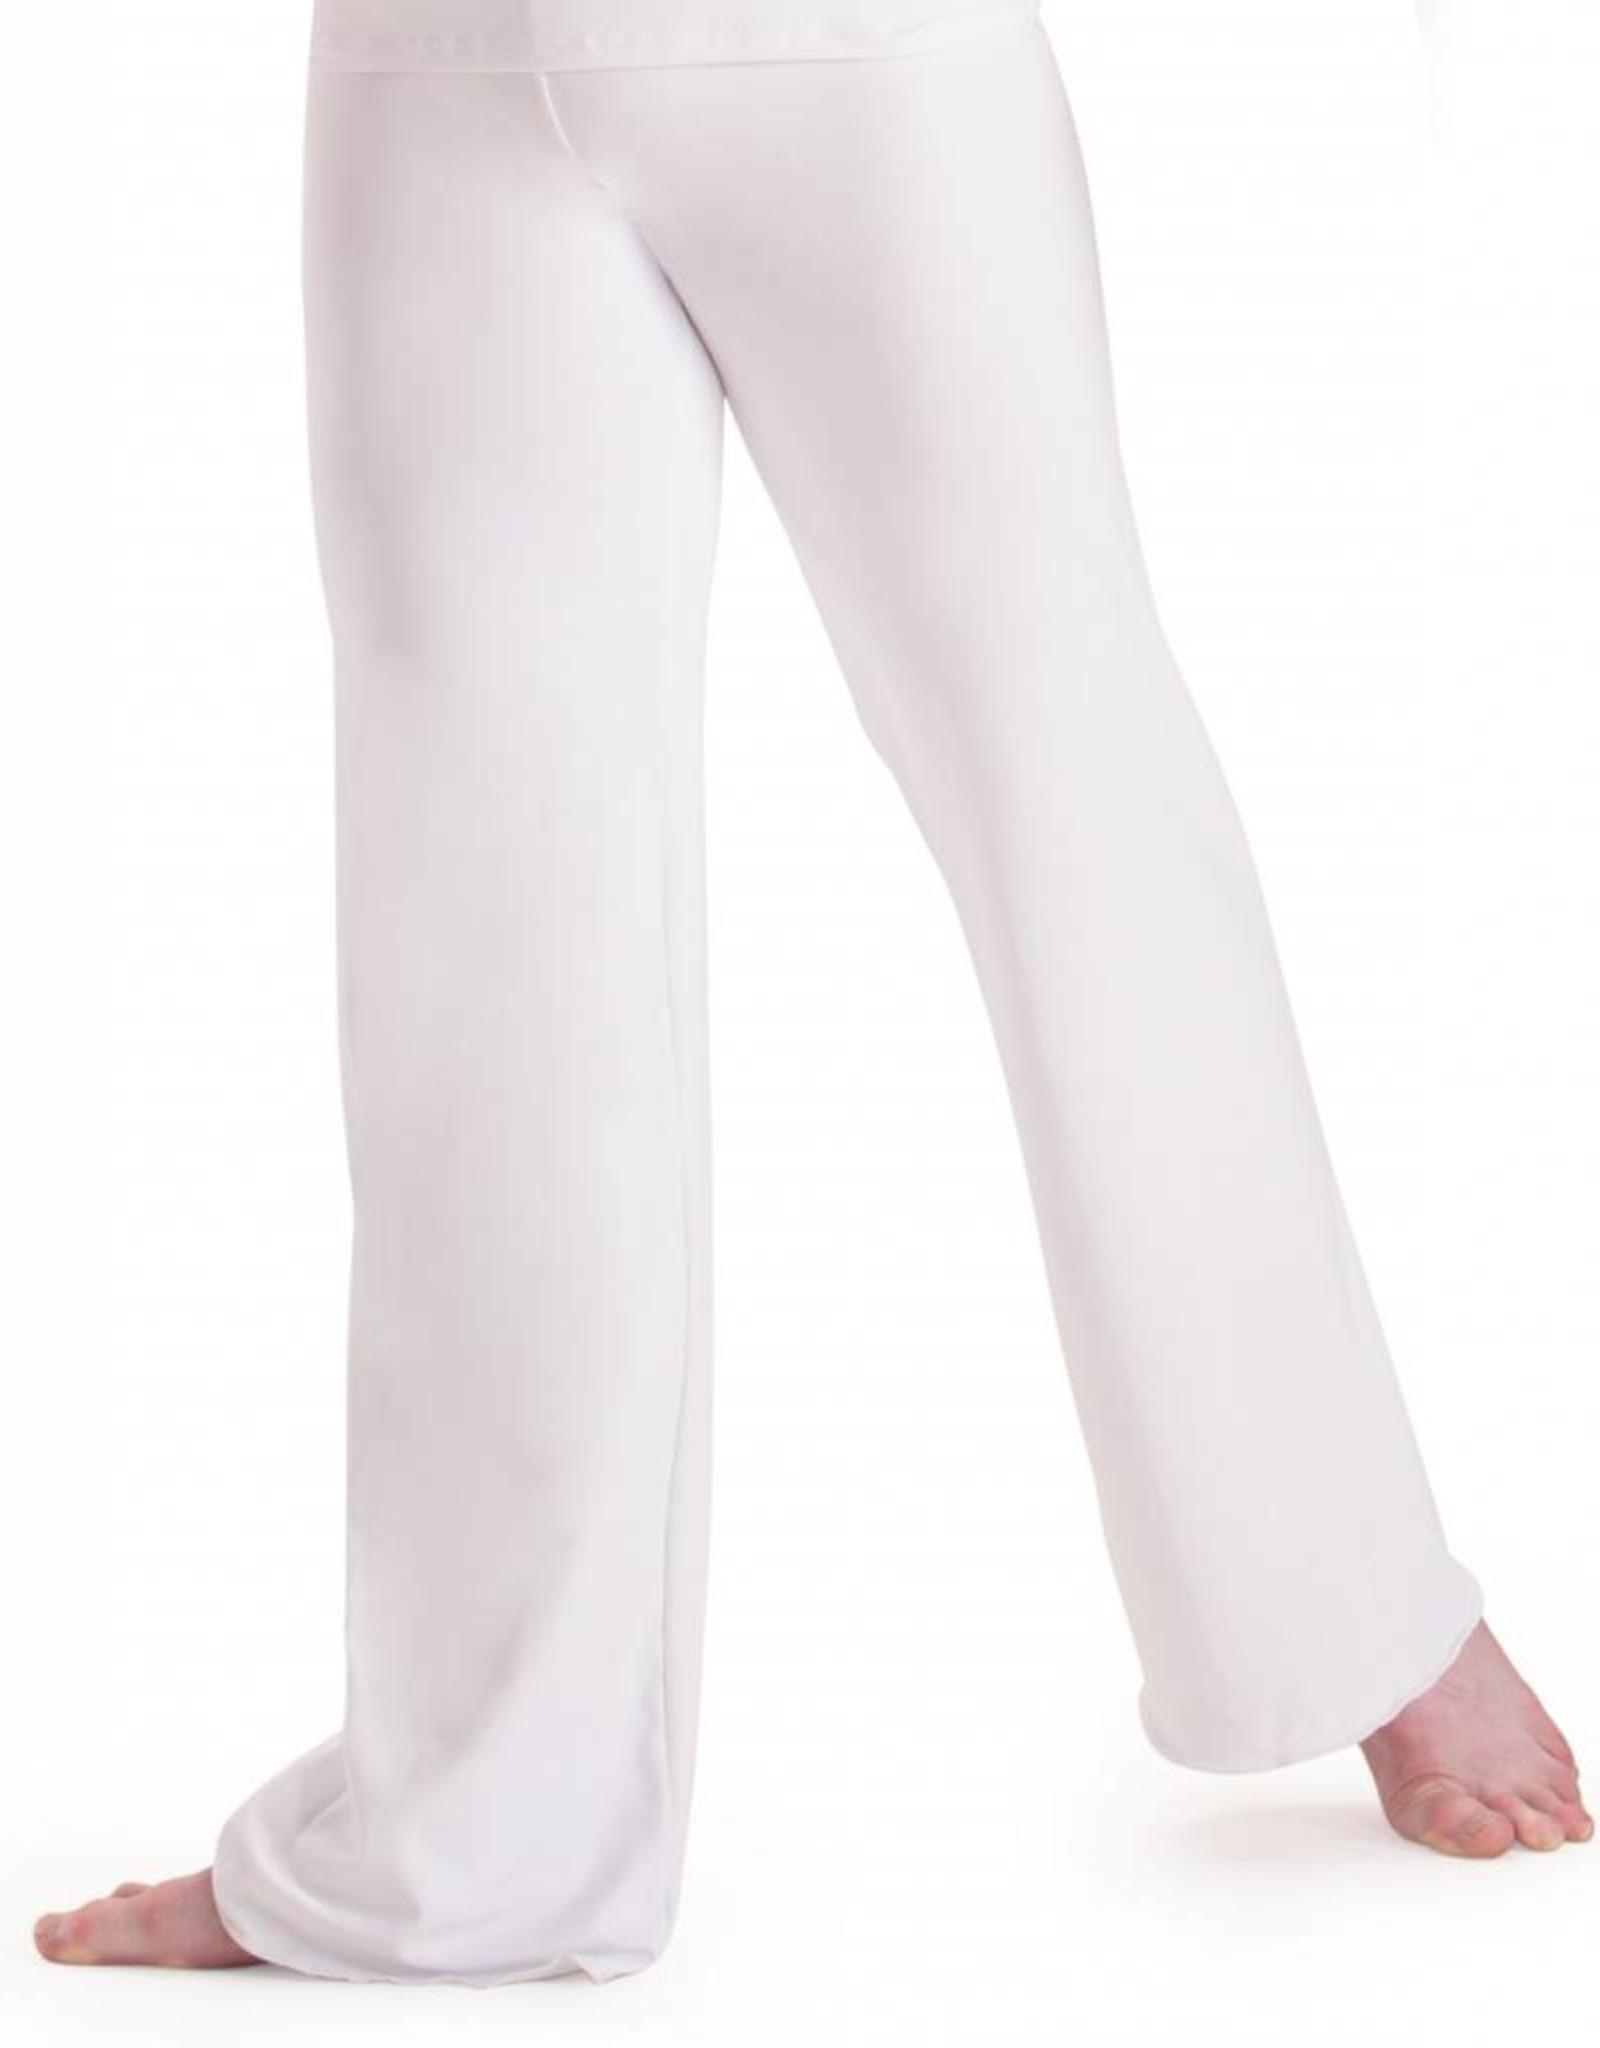 Motionwear 7203-481Mens Silkskyn Jazz Pants